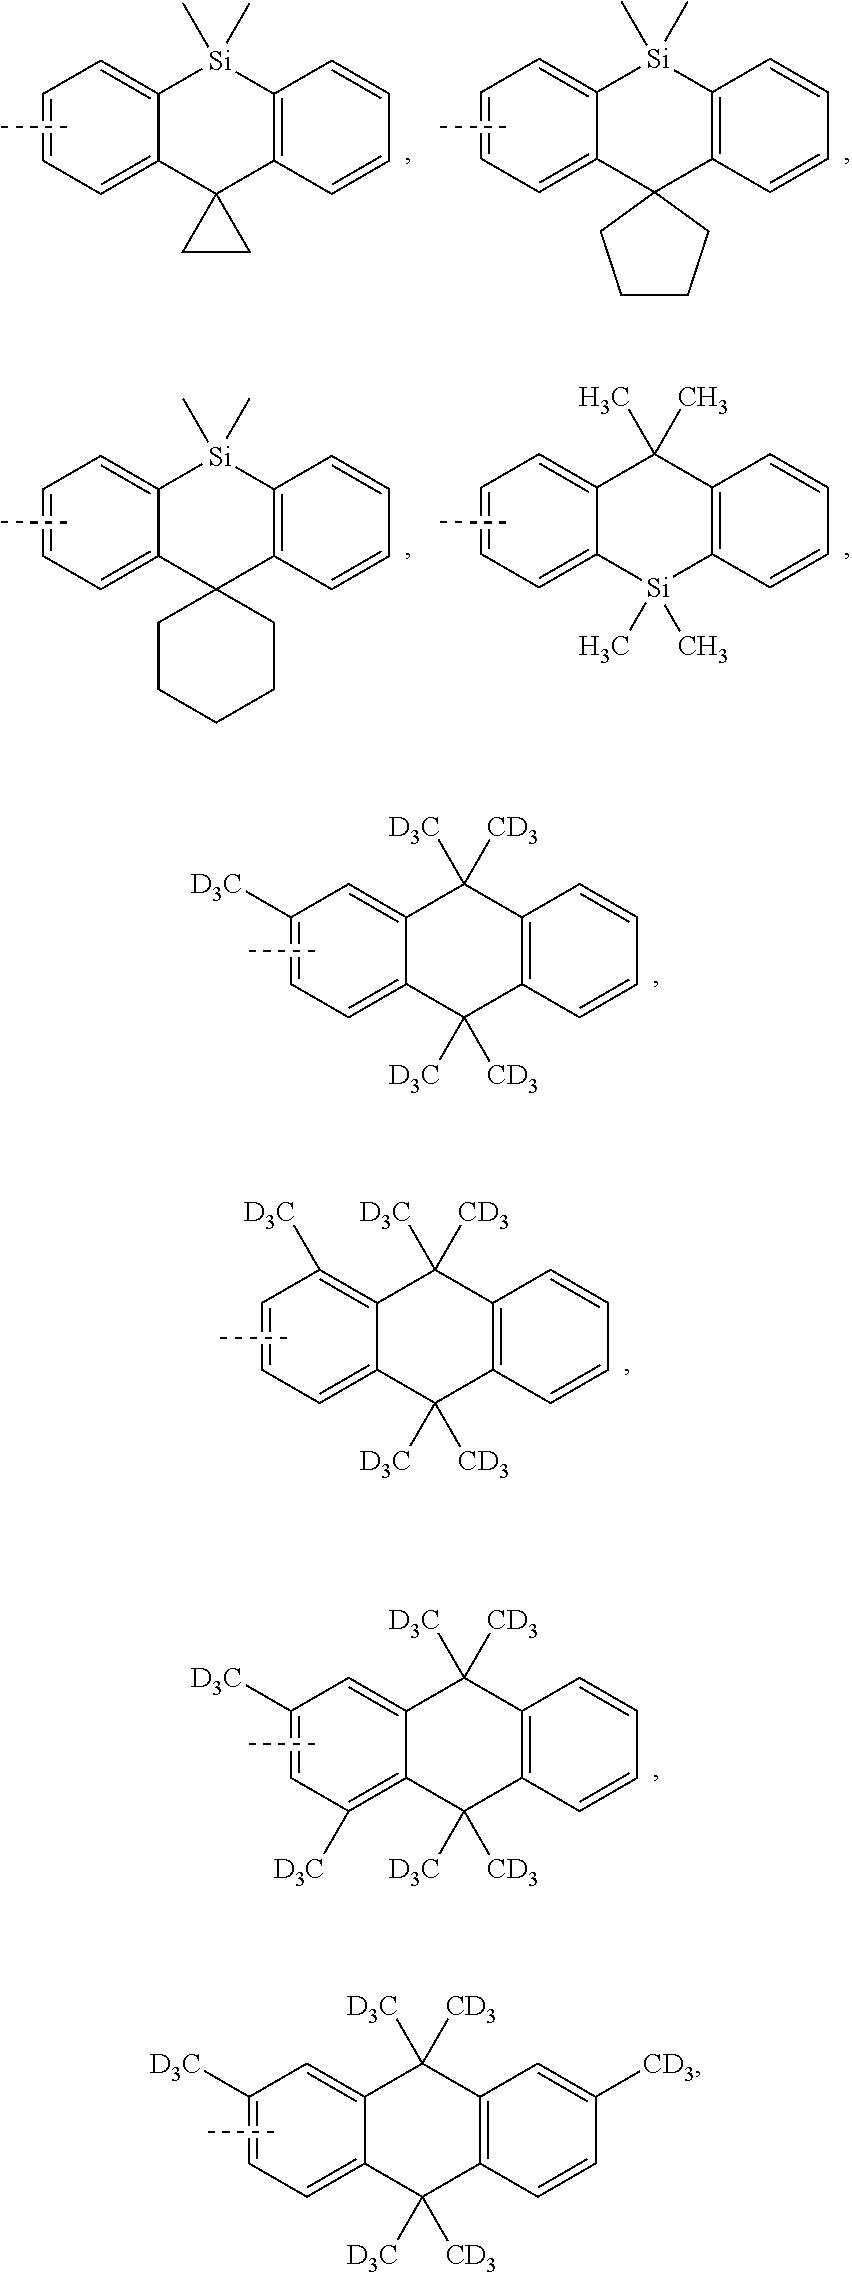 Figure US20180130962A1-20180510-C00012